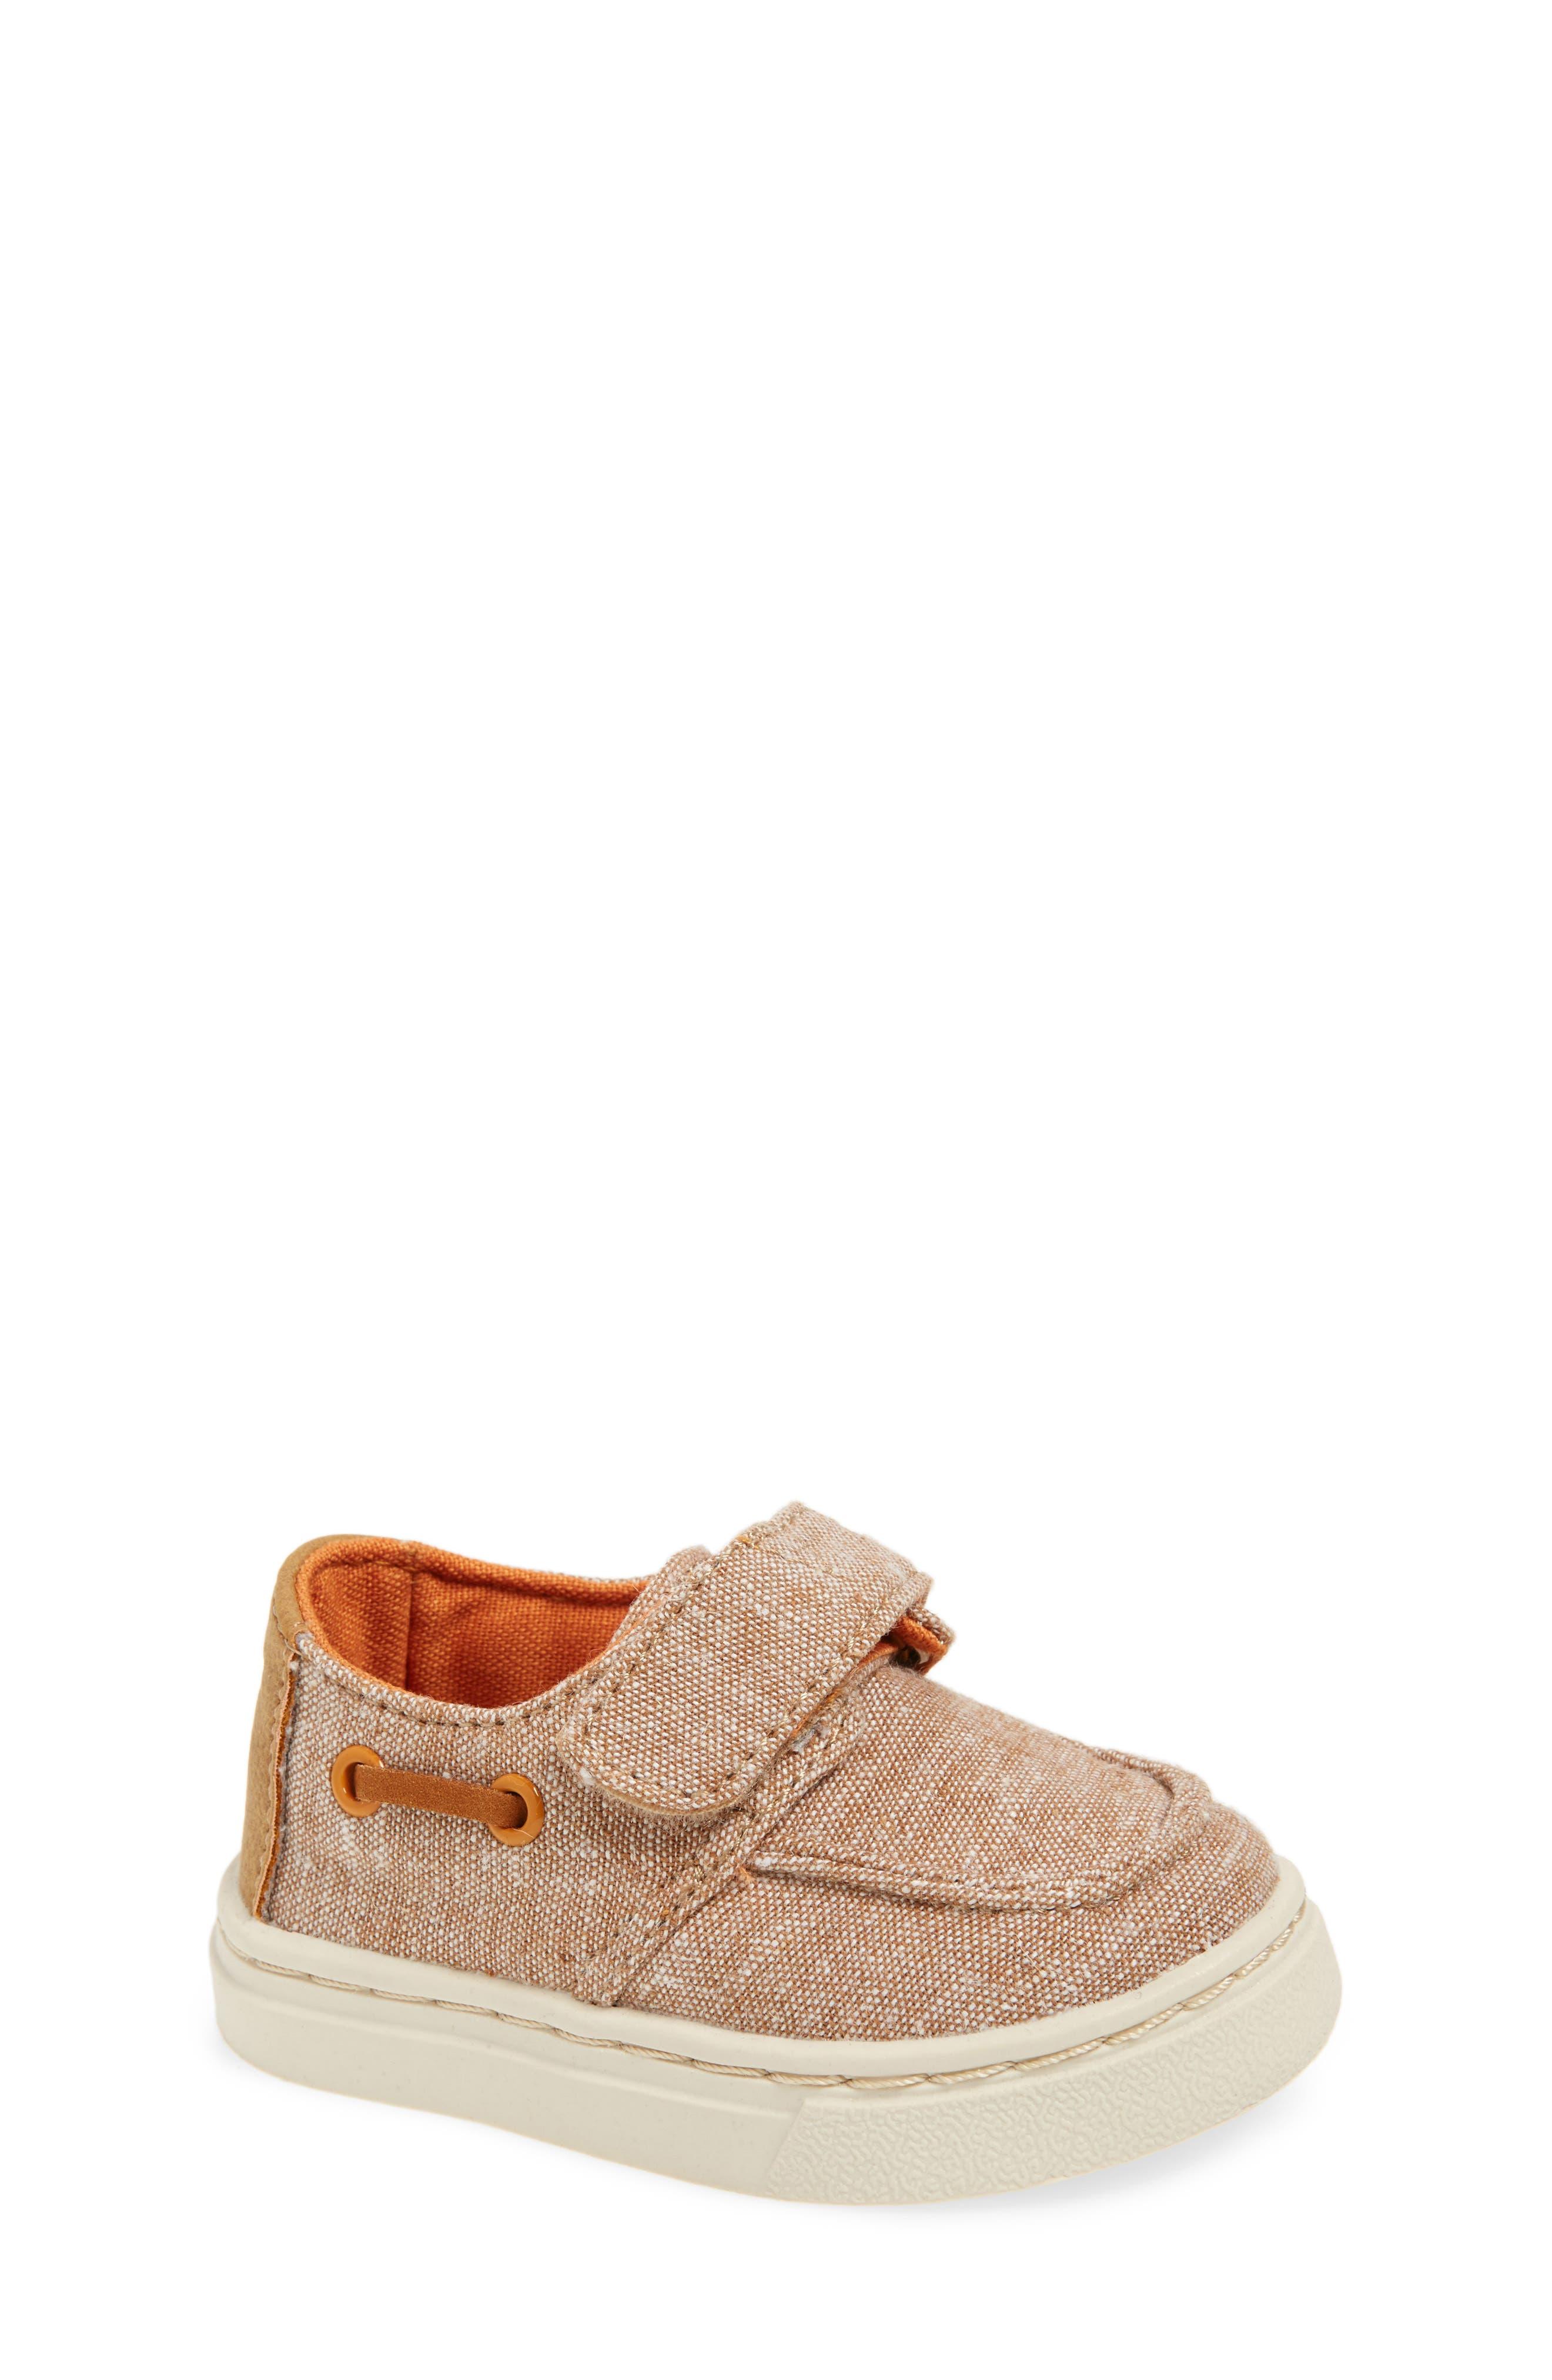 TOMS Culver Boat Shoe (Baby, Walker & Toddler)